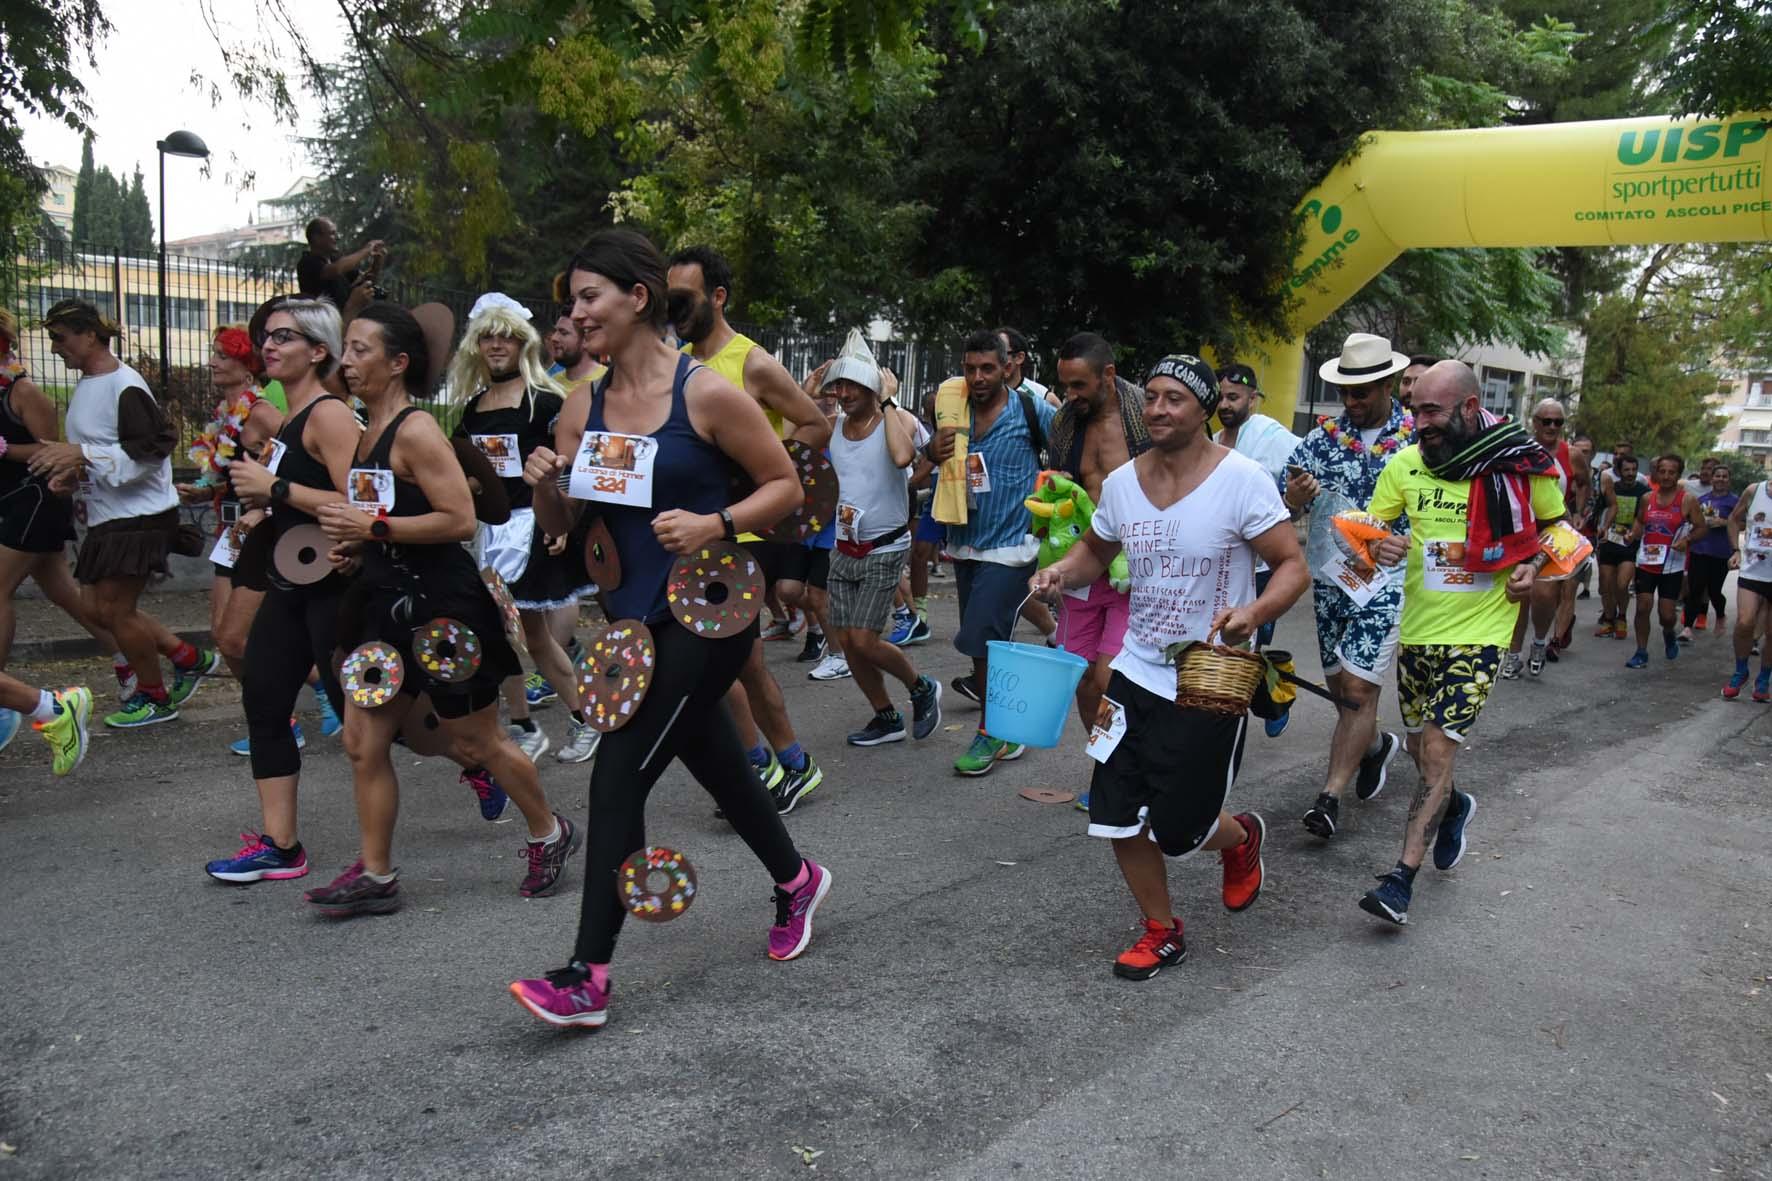 maraton con birra 4